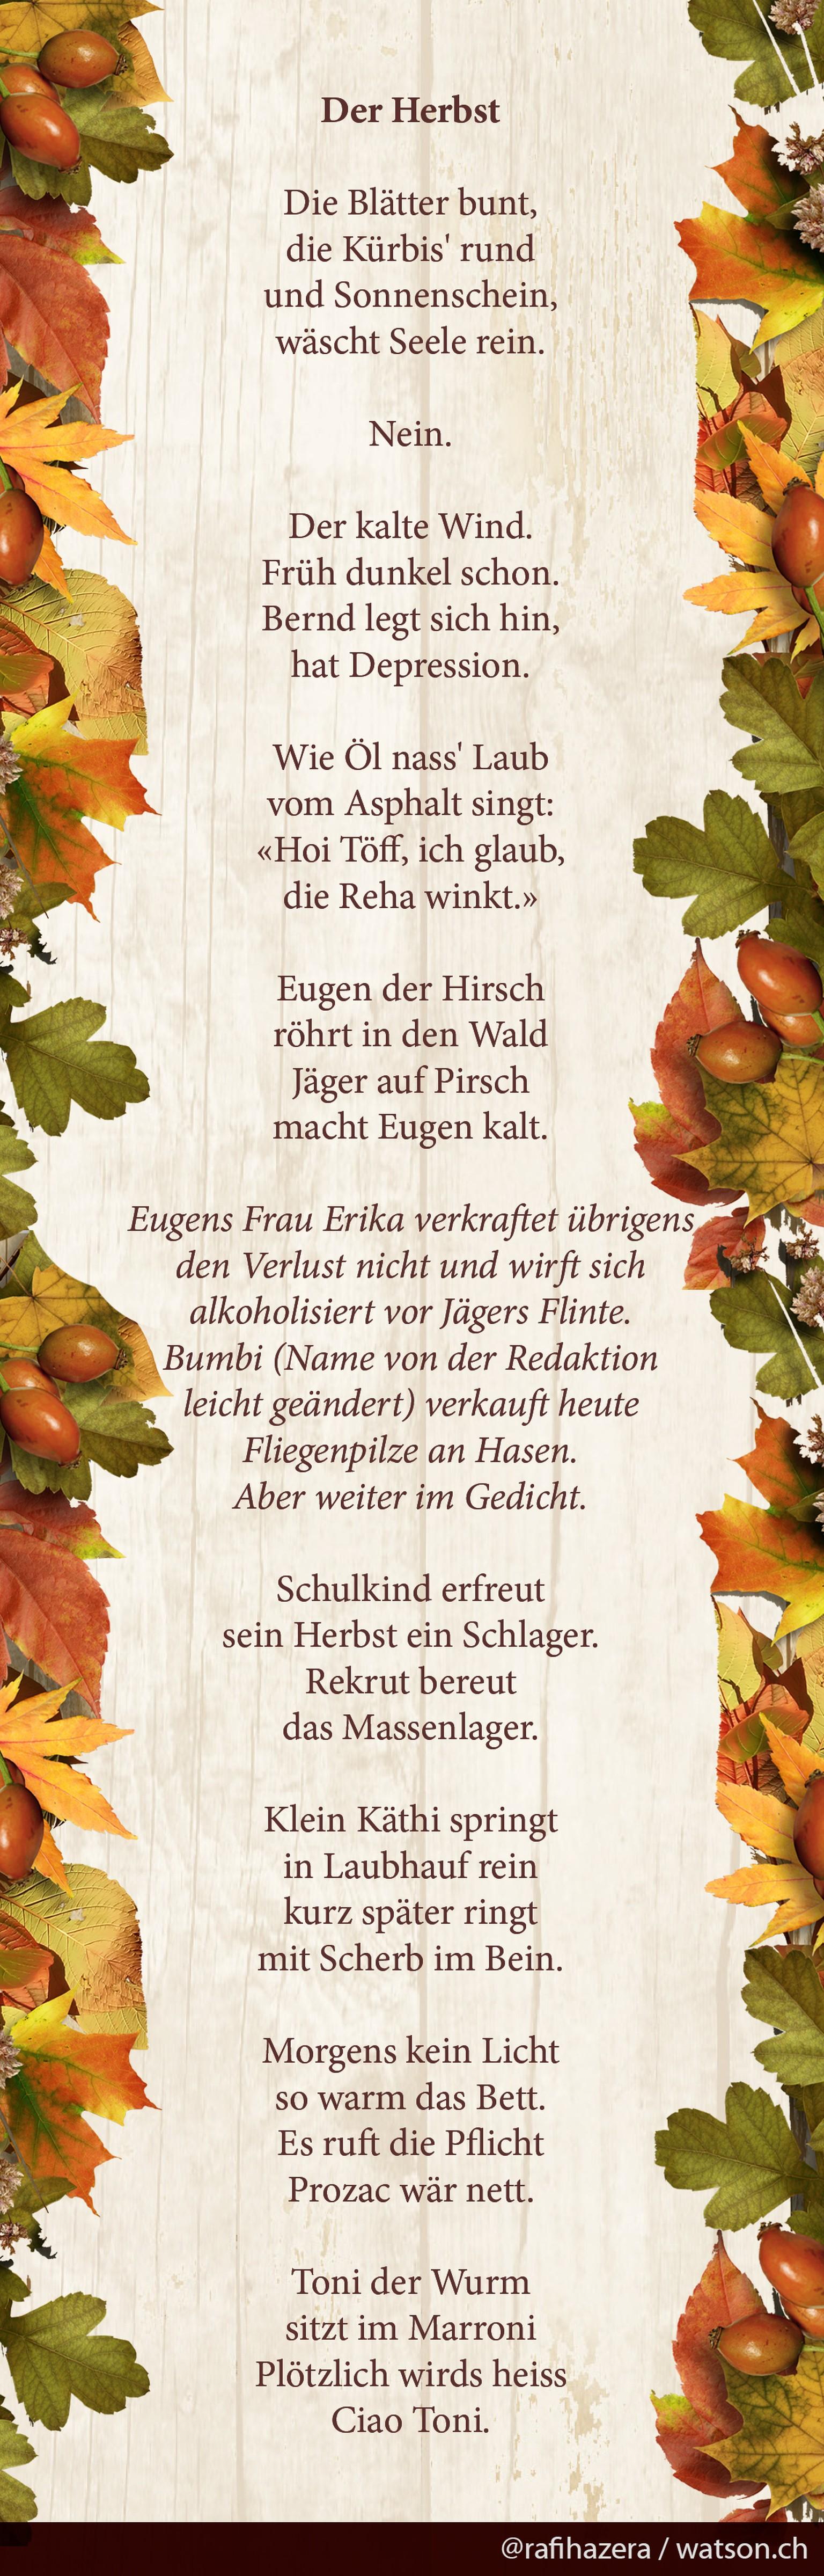 Gedicht Herbst Kurz Kurze Sommergedichte Und Sprüche über